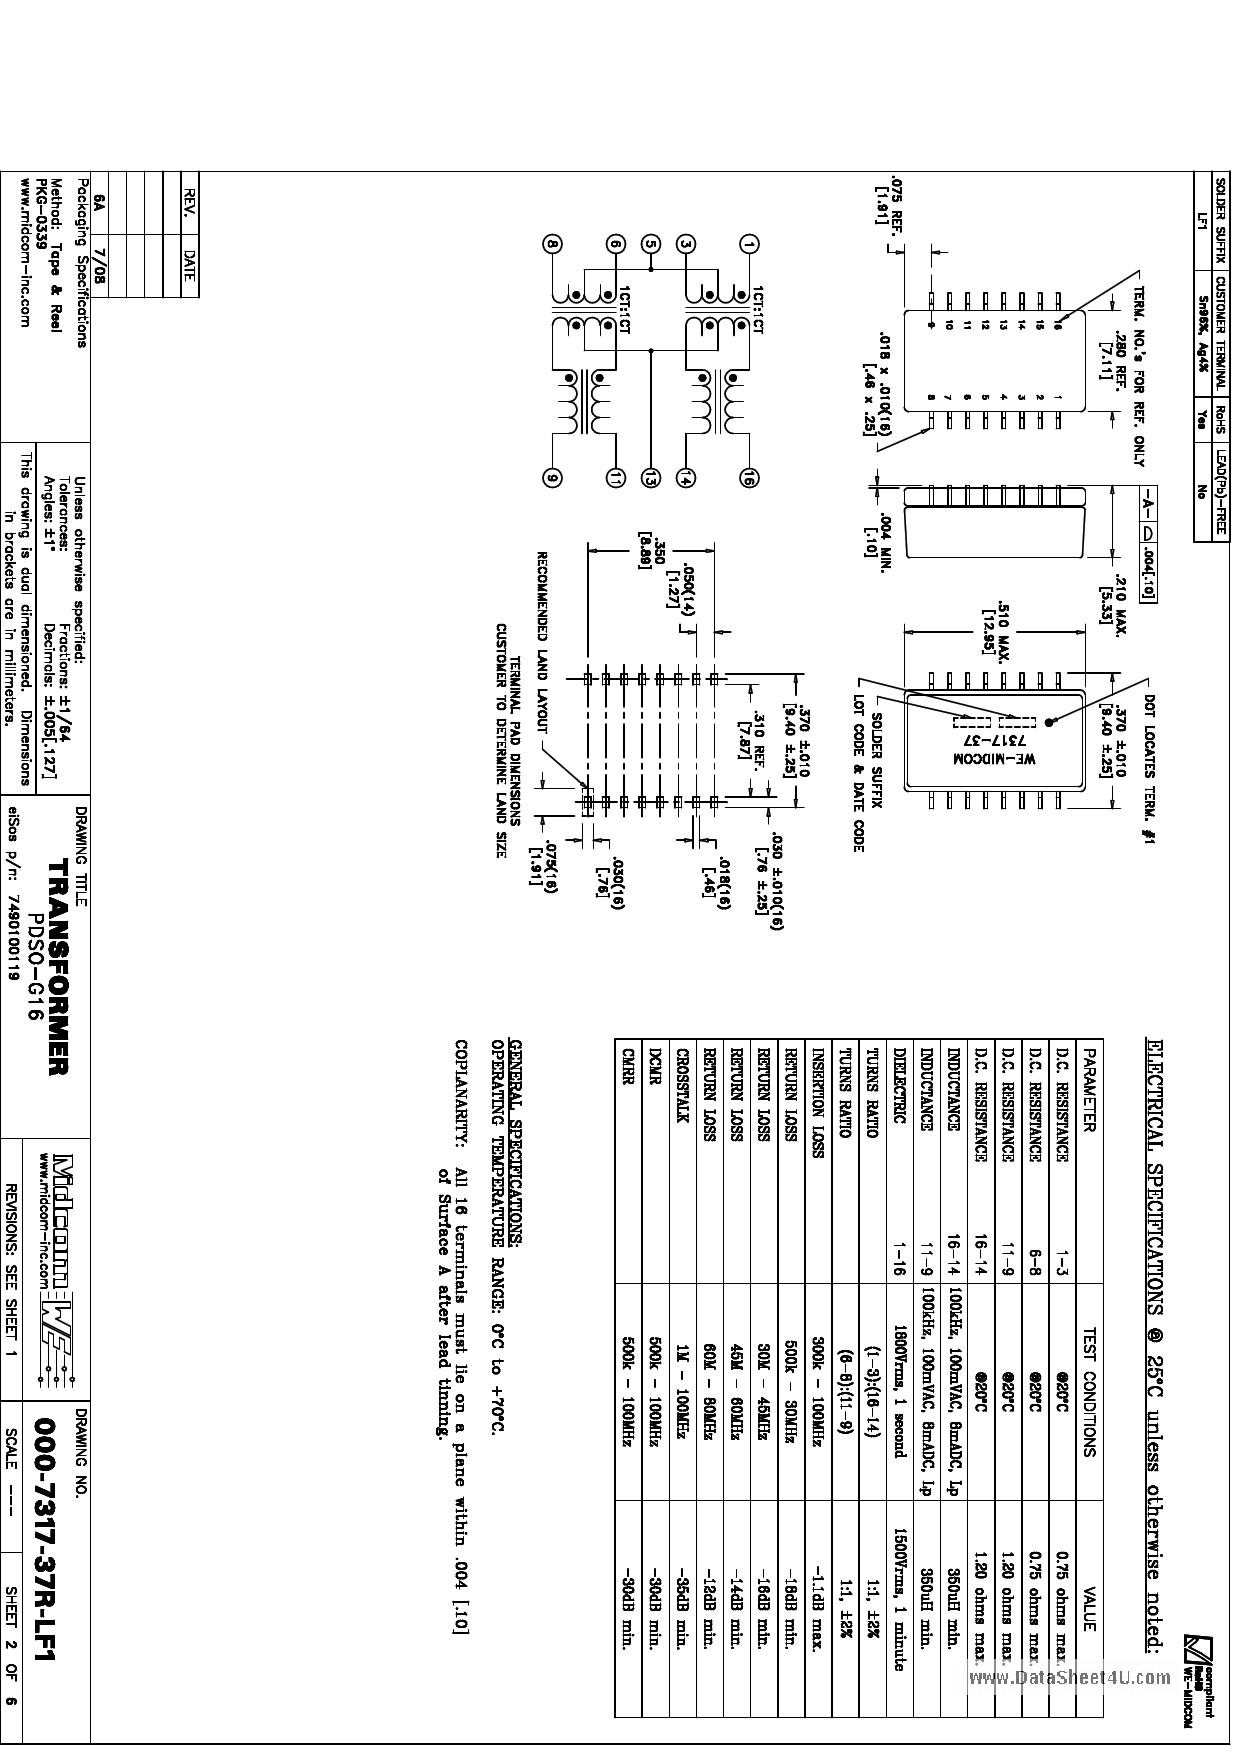 000-7317-37R-LF1 دیتاشیت PDF